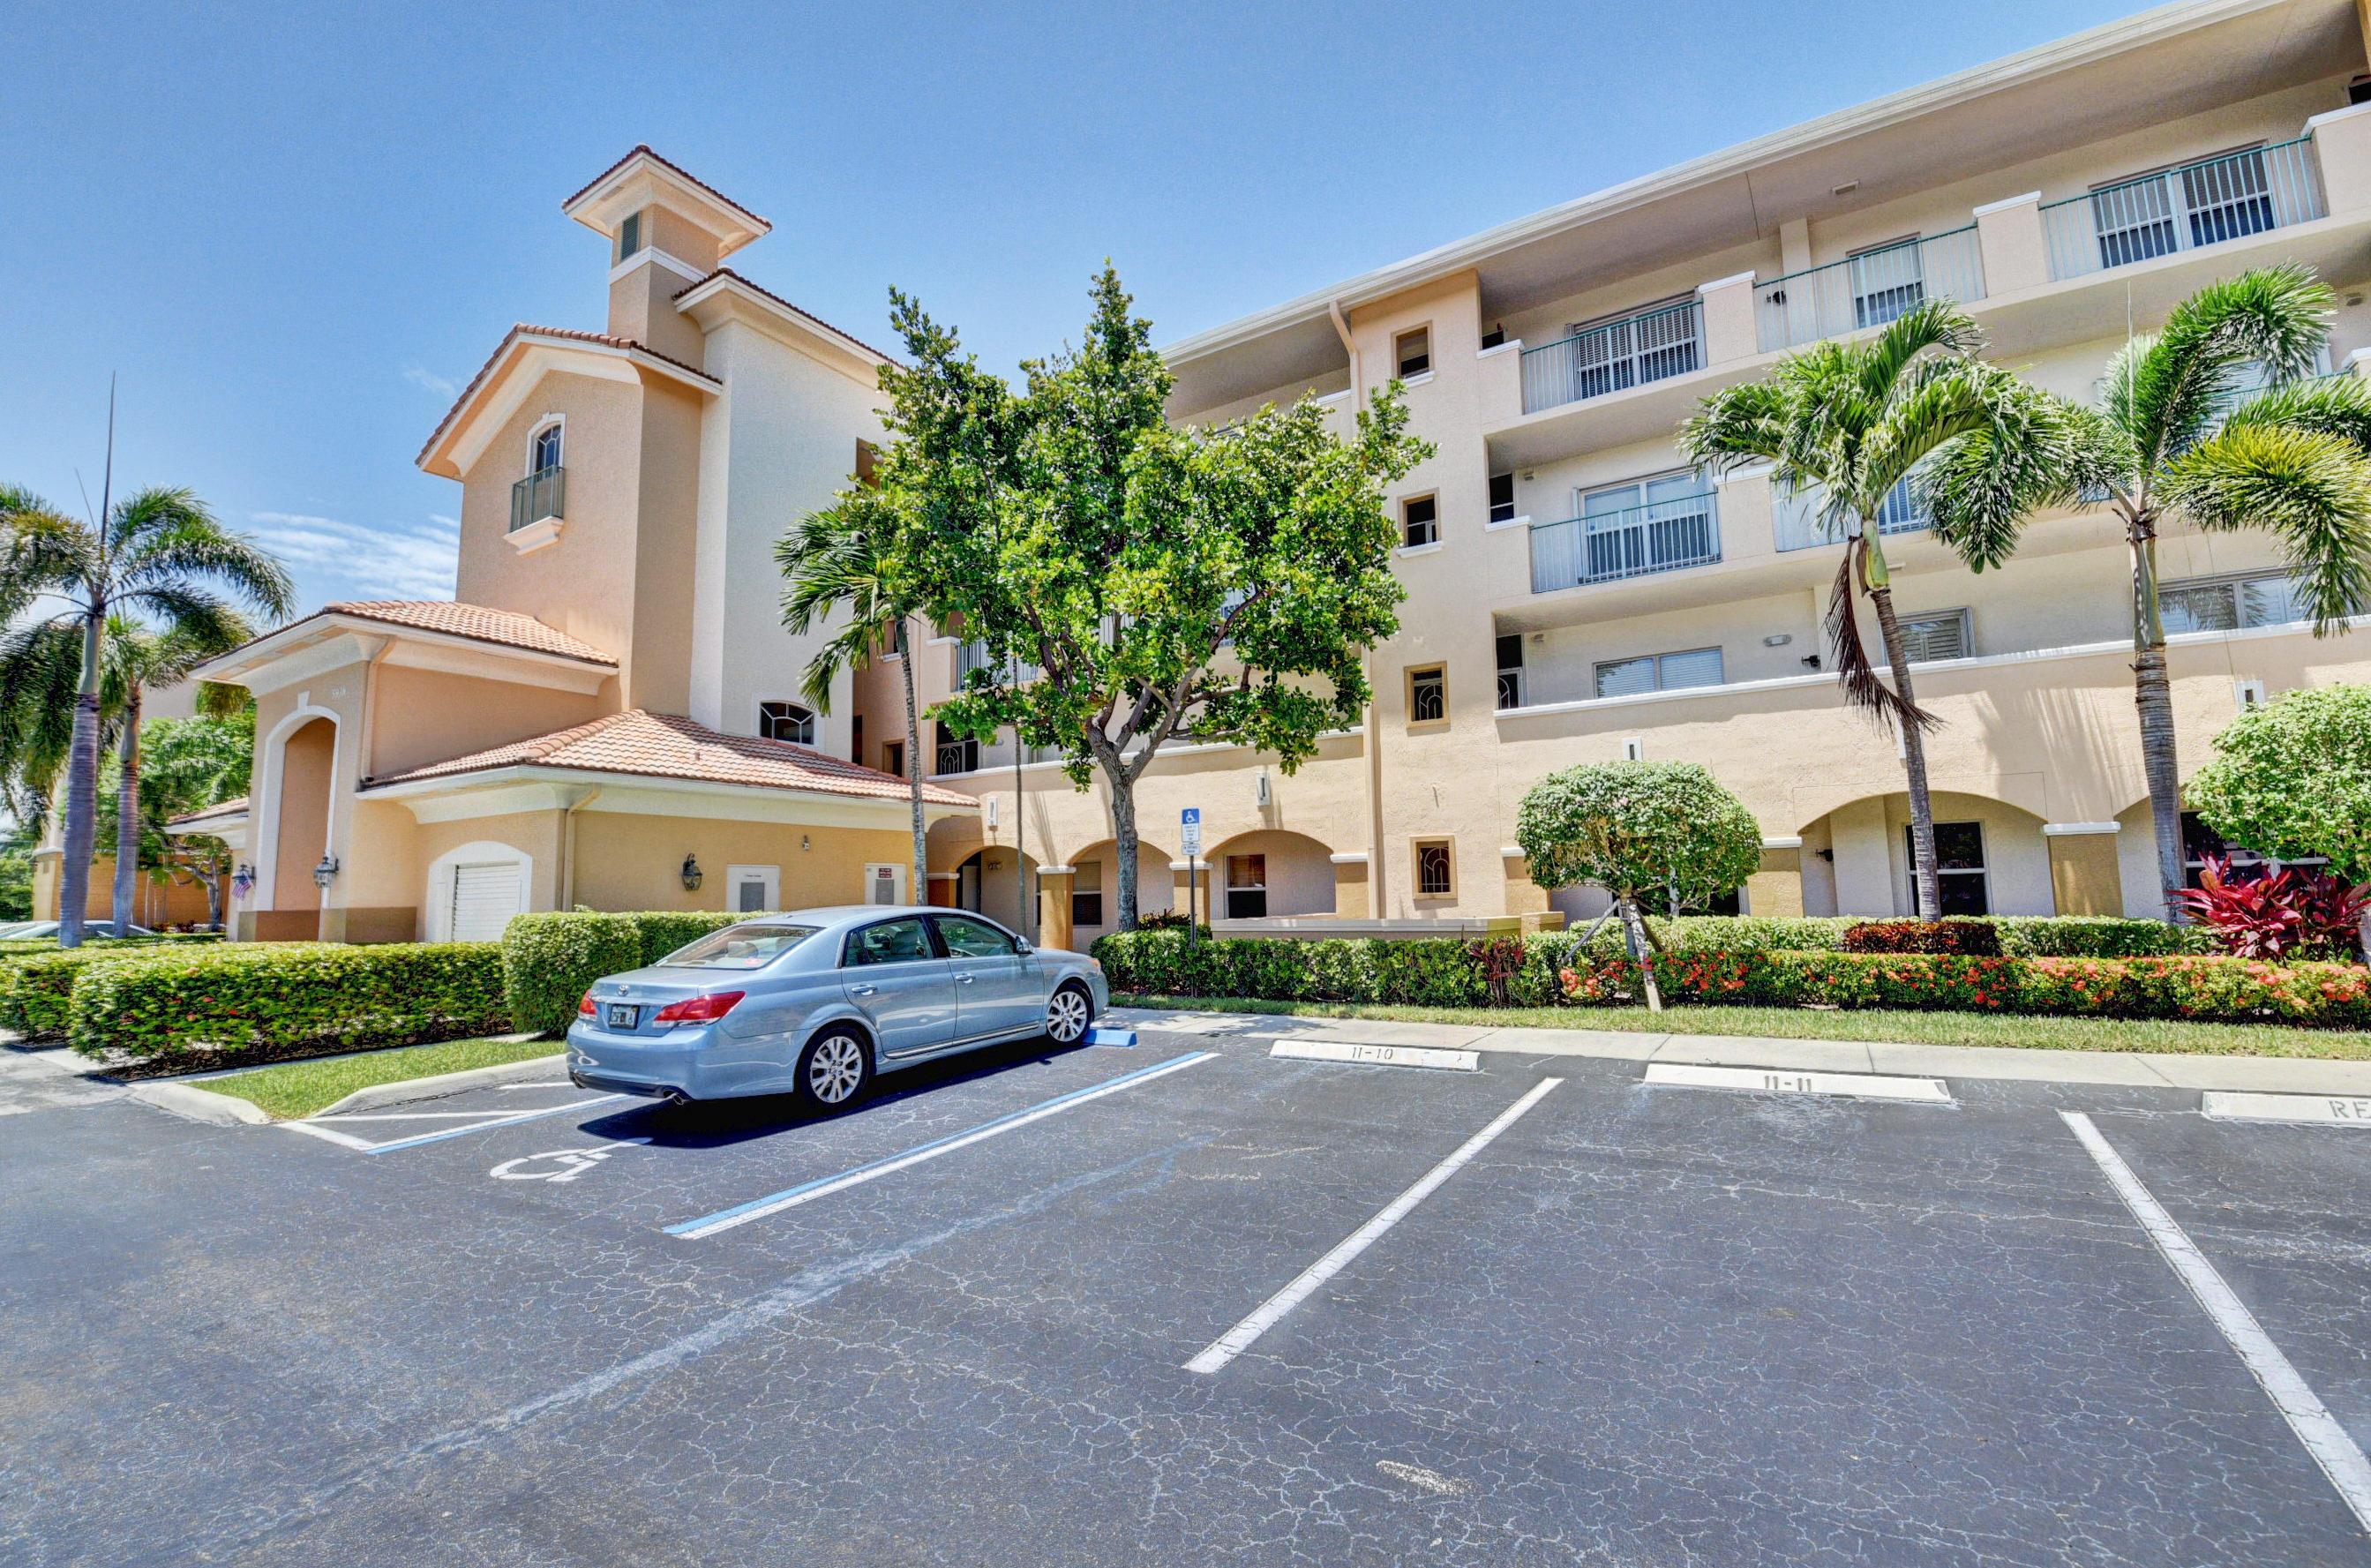 Home for sale in Regal Shores Boynton Beach Florida